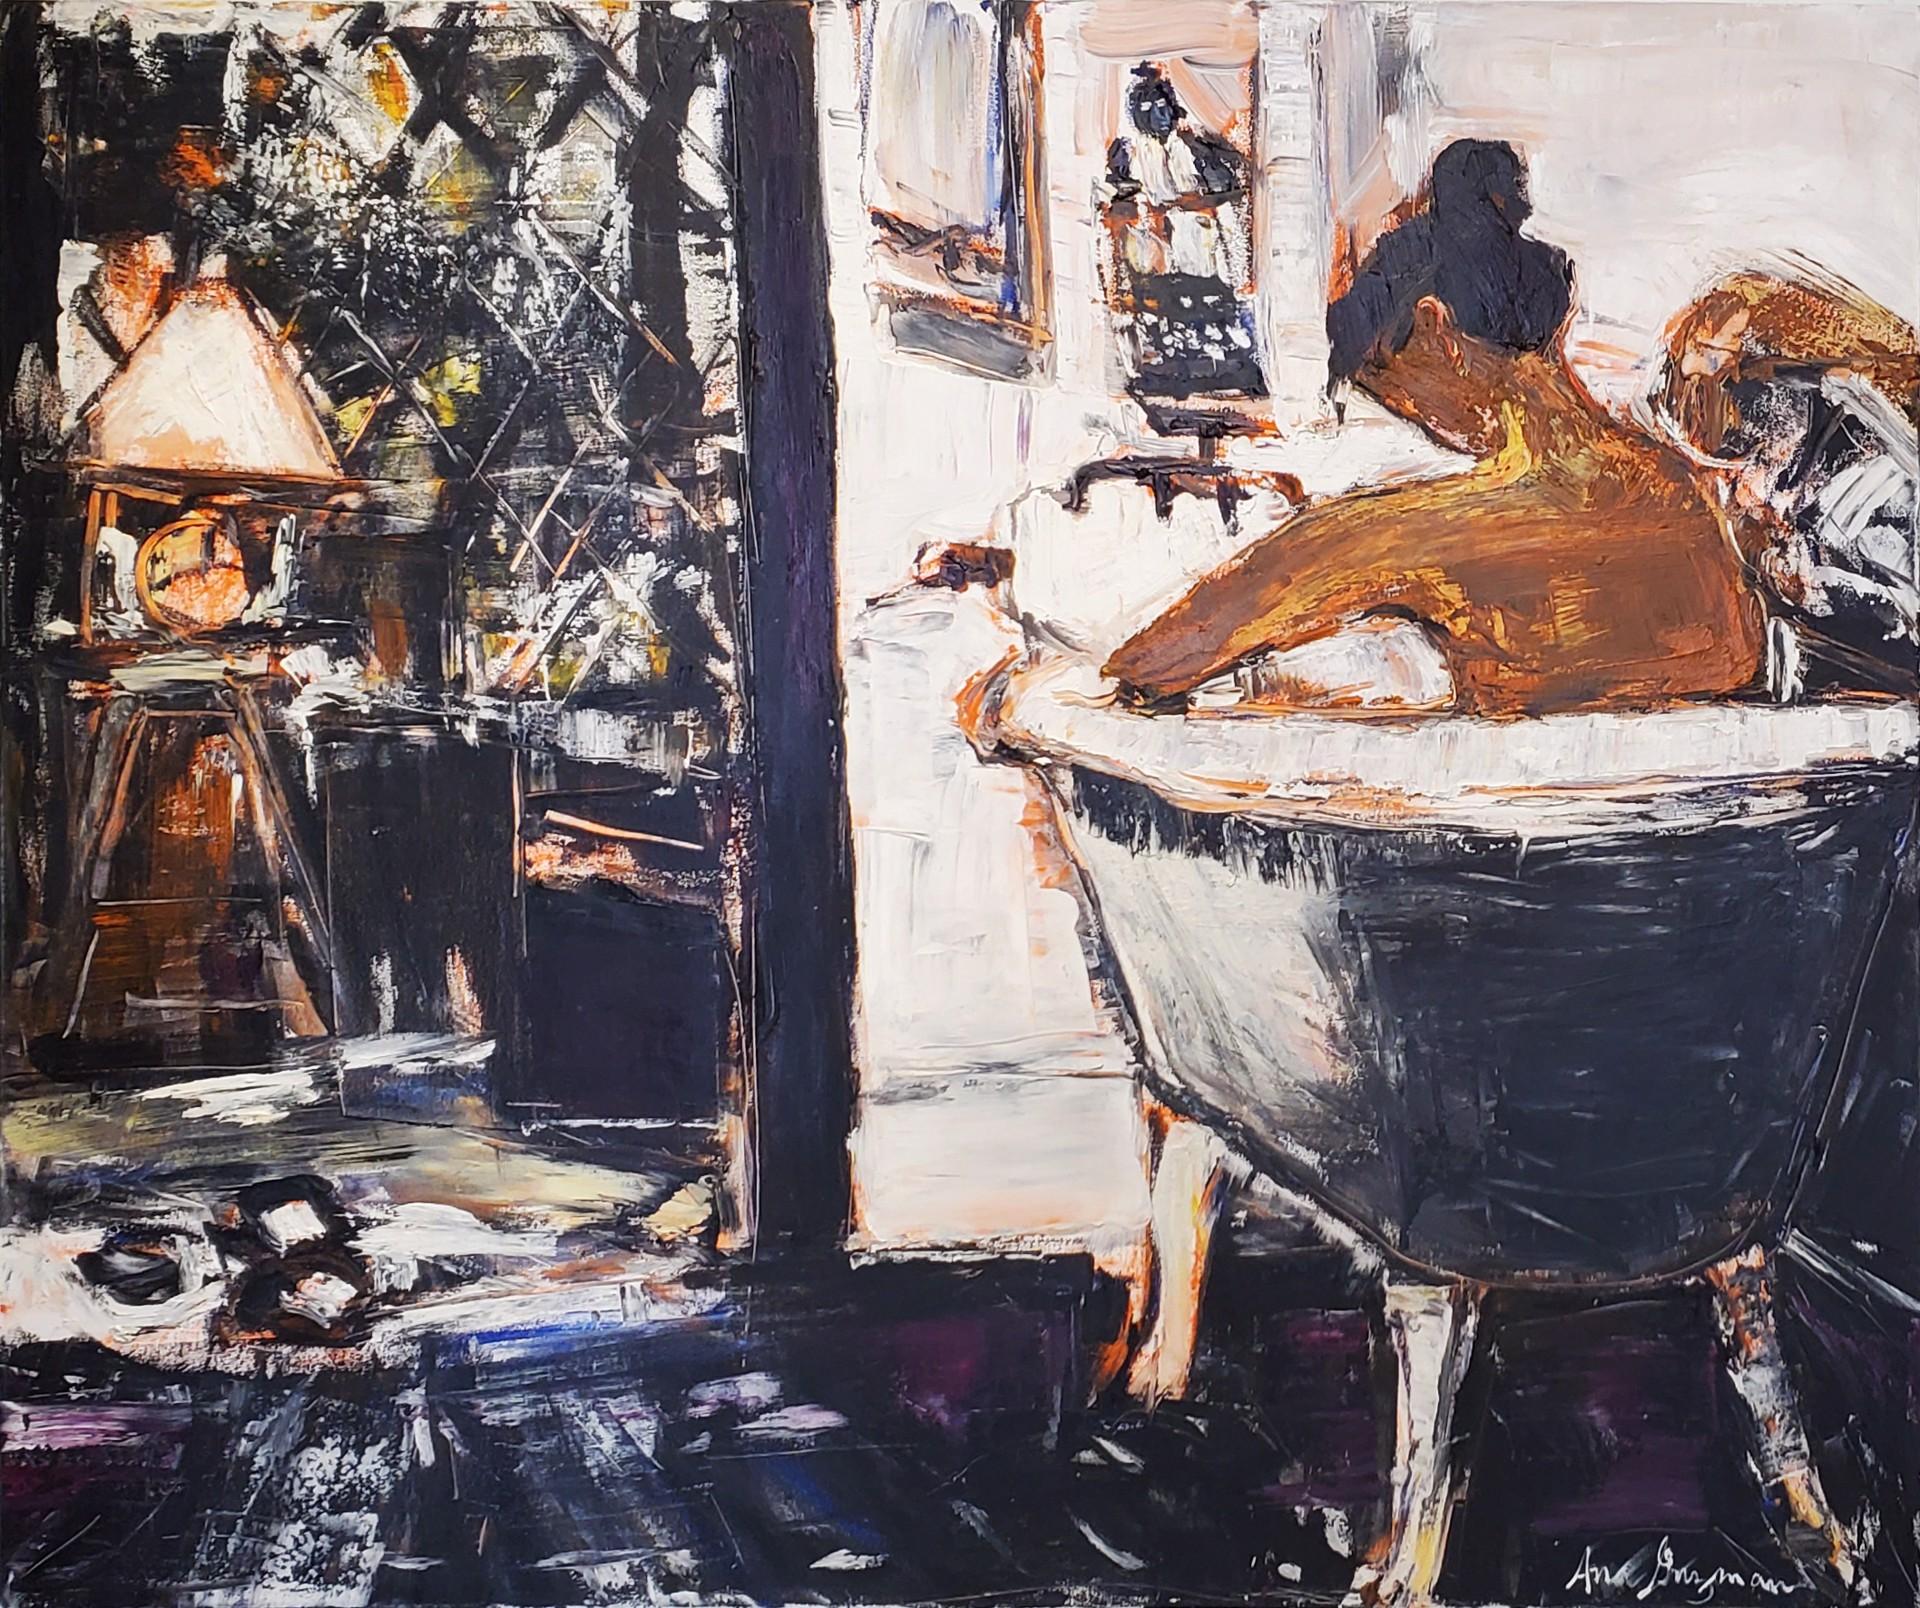 Bather by Ana Guzman